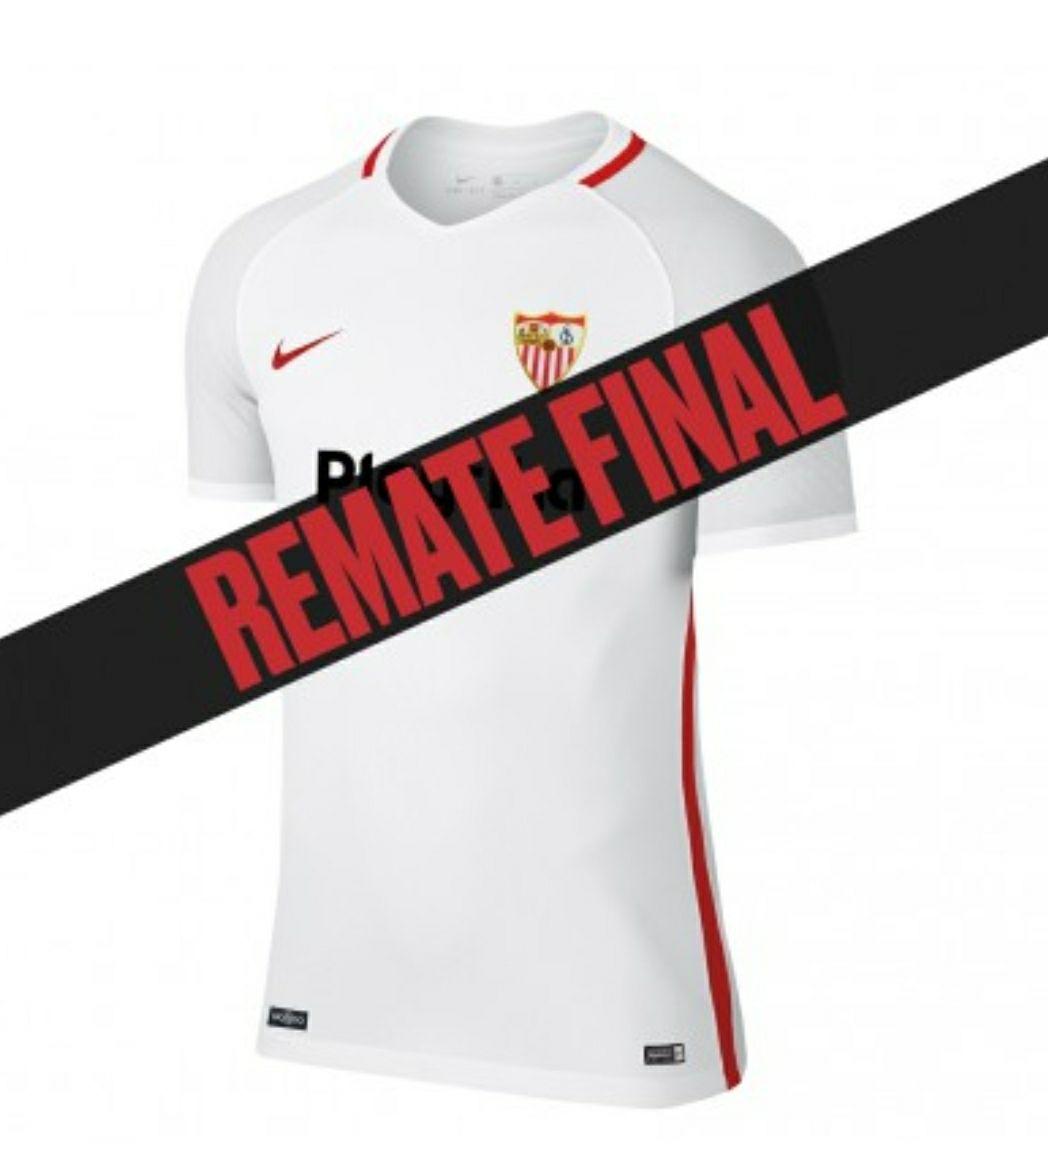 Camisetas oficiales del Sevilla Fútbol Club de la temporada 2018/2019.